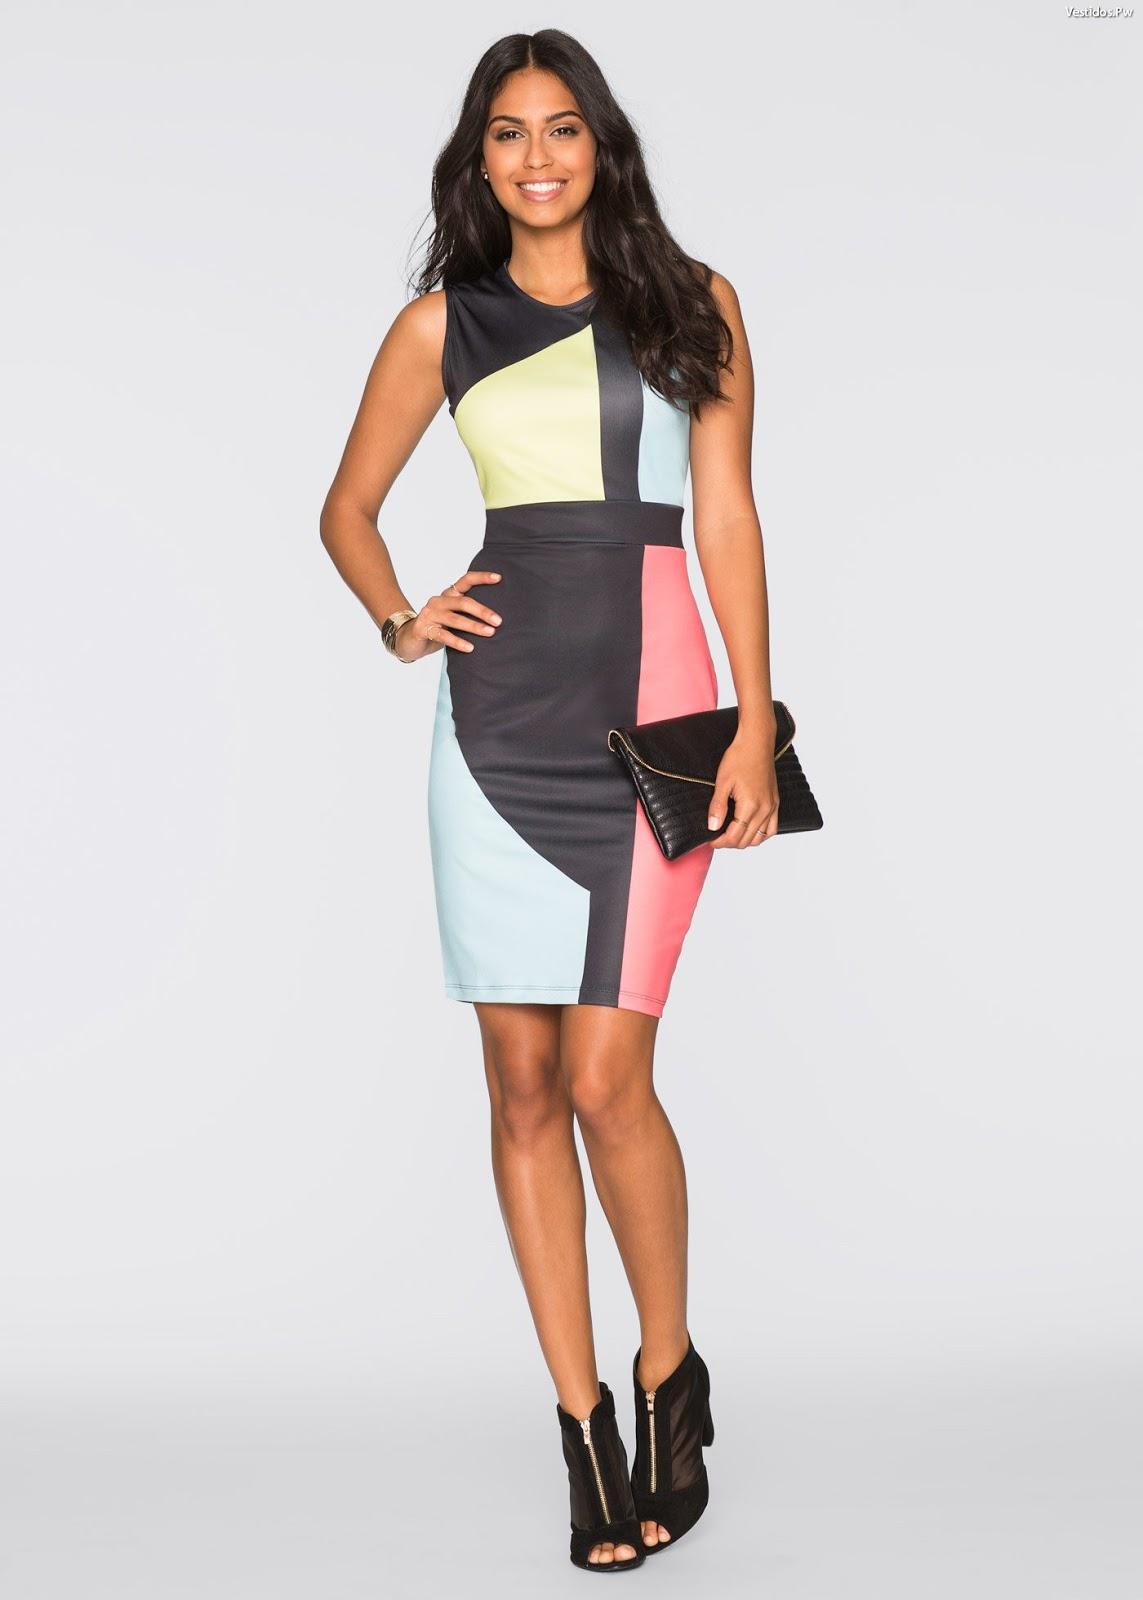 e2200611df8 65 Propuestas de Vestidos Formales ¡Ideas con Fotos! | Vestidos ...